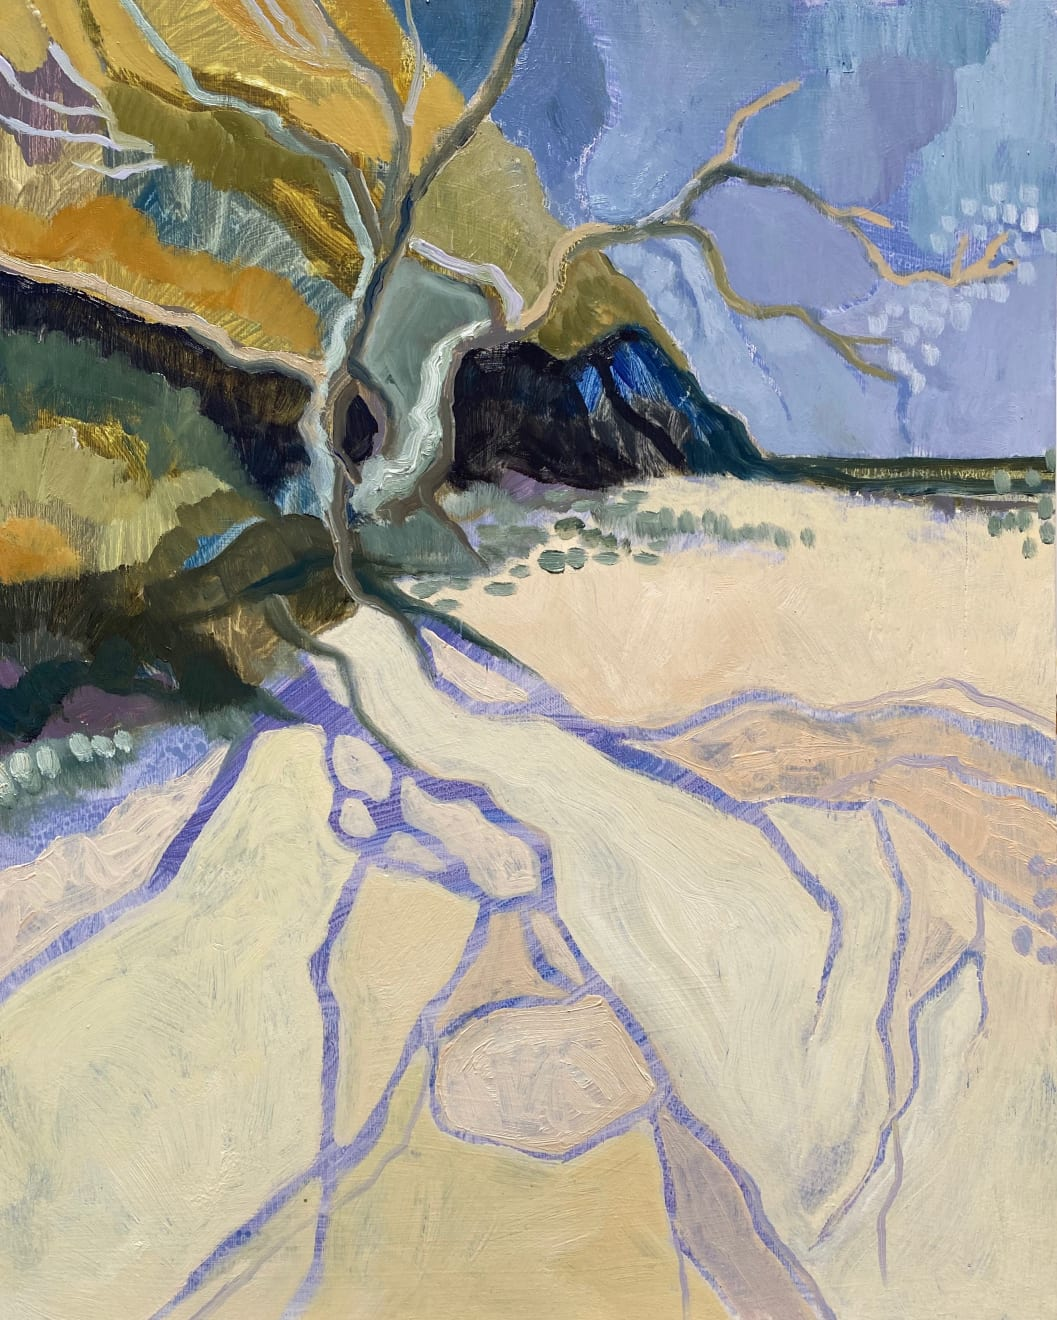 Meg Walters Midday Silhouette Oil on Board Original 43 x 53 cm Oak Frame $1900 £800 SOLD